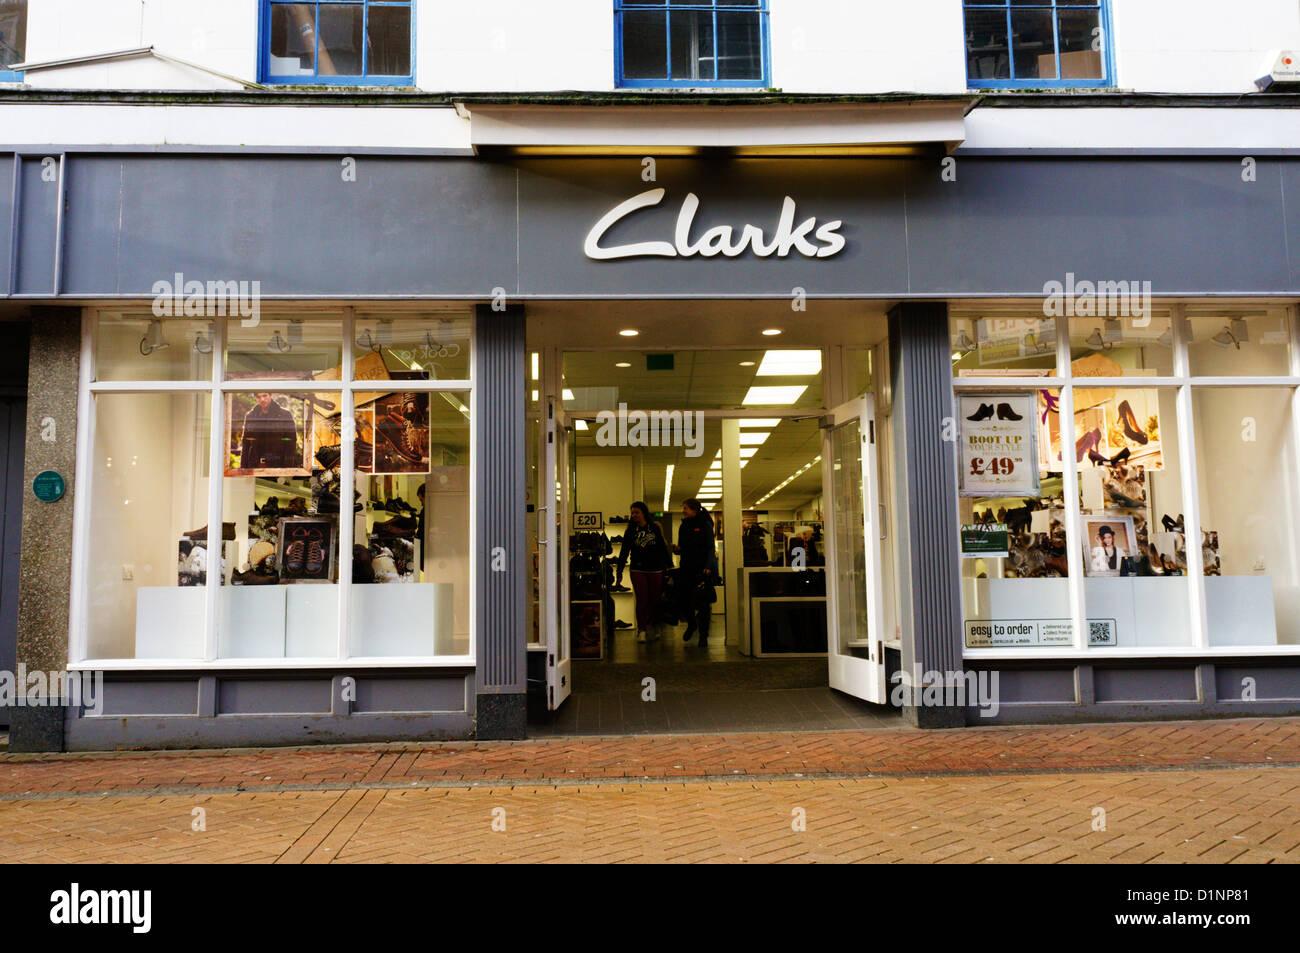 Shoes Images Clarks Photos Alamy Stock amp; CZqwATxq